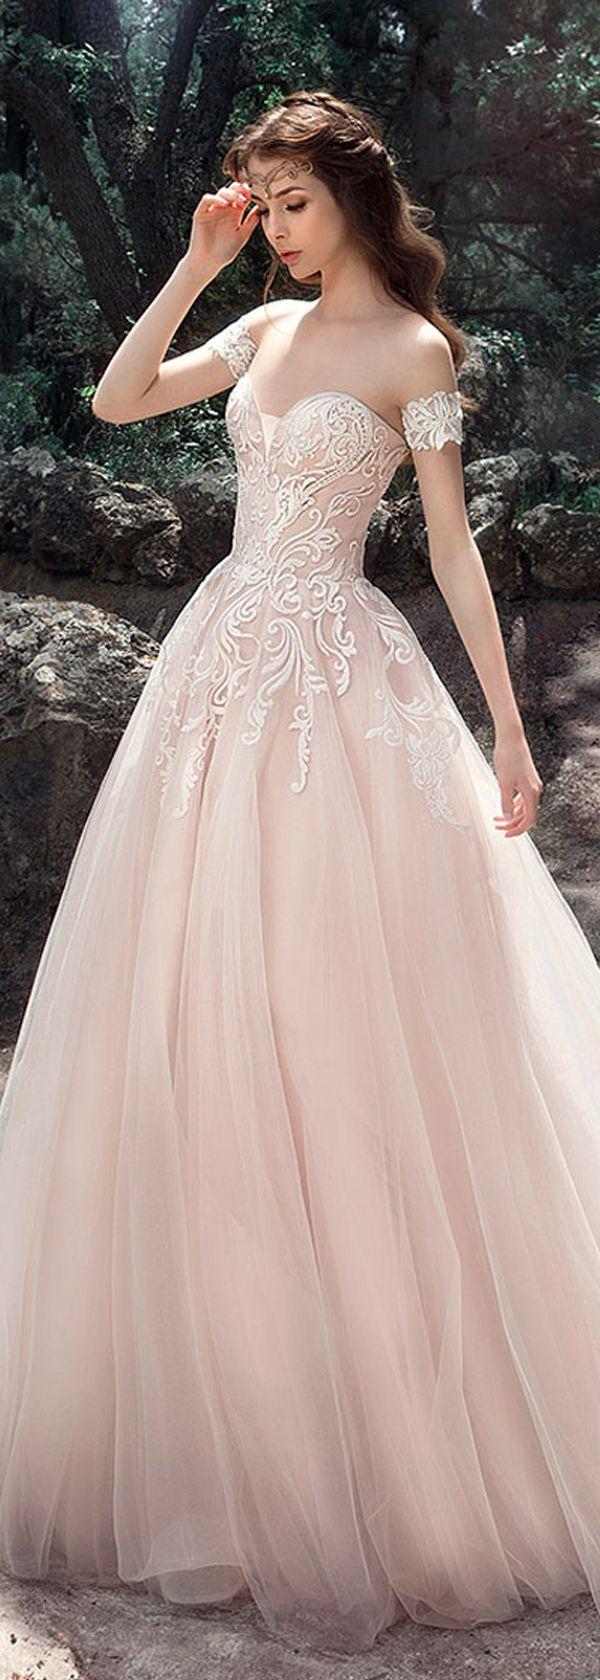 Wedding - Fashion Brides